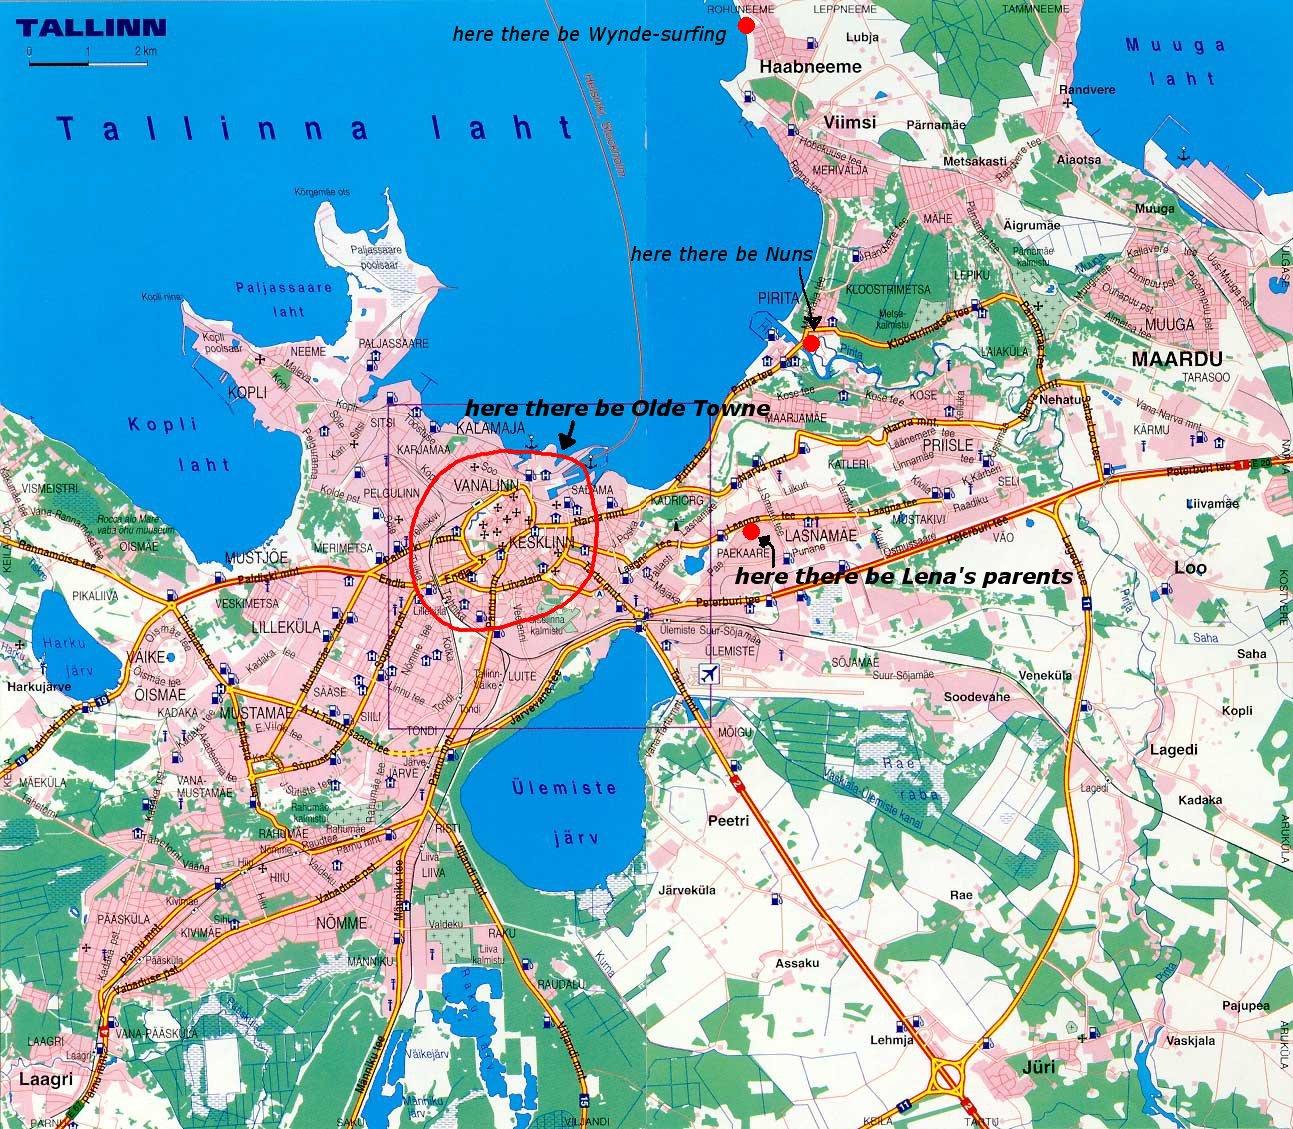 авиабилеты в Таллин. купить aviabilety v tallin 1 авиабилеты в Таллин продажа цена.